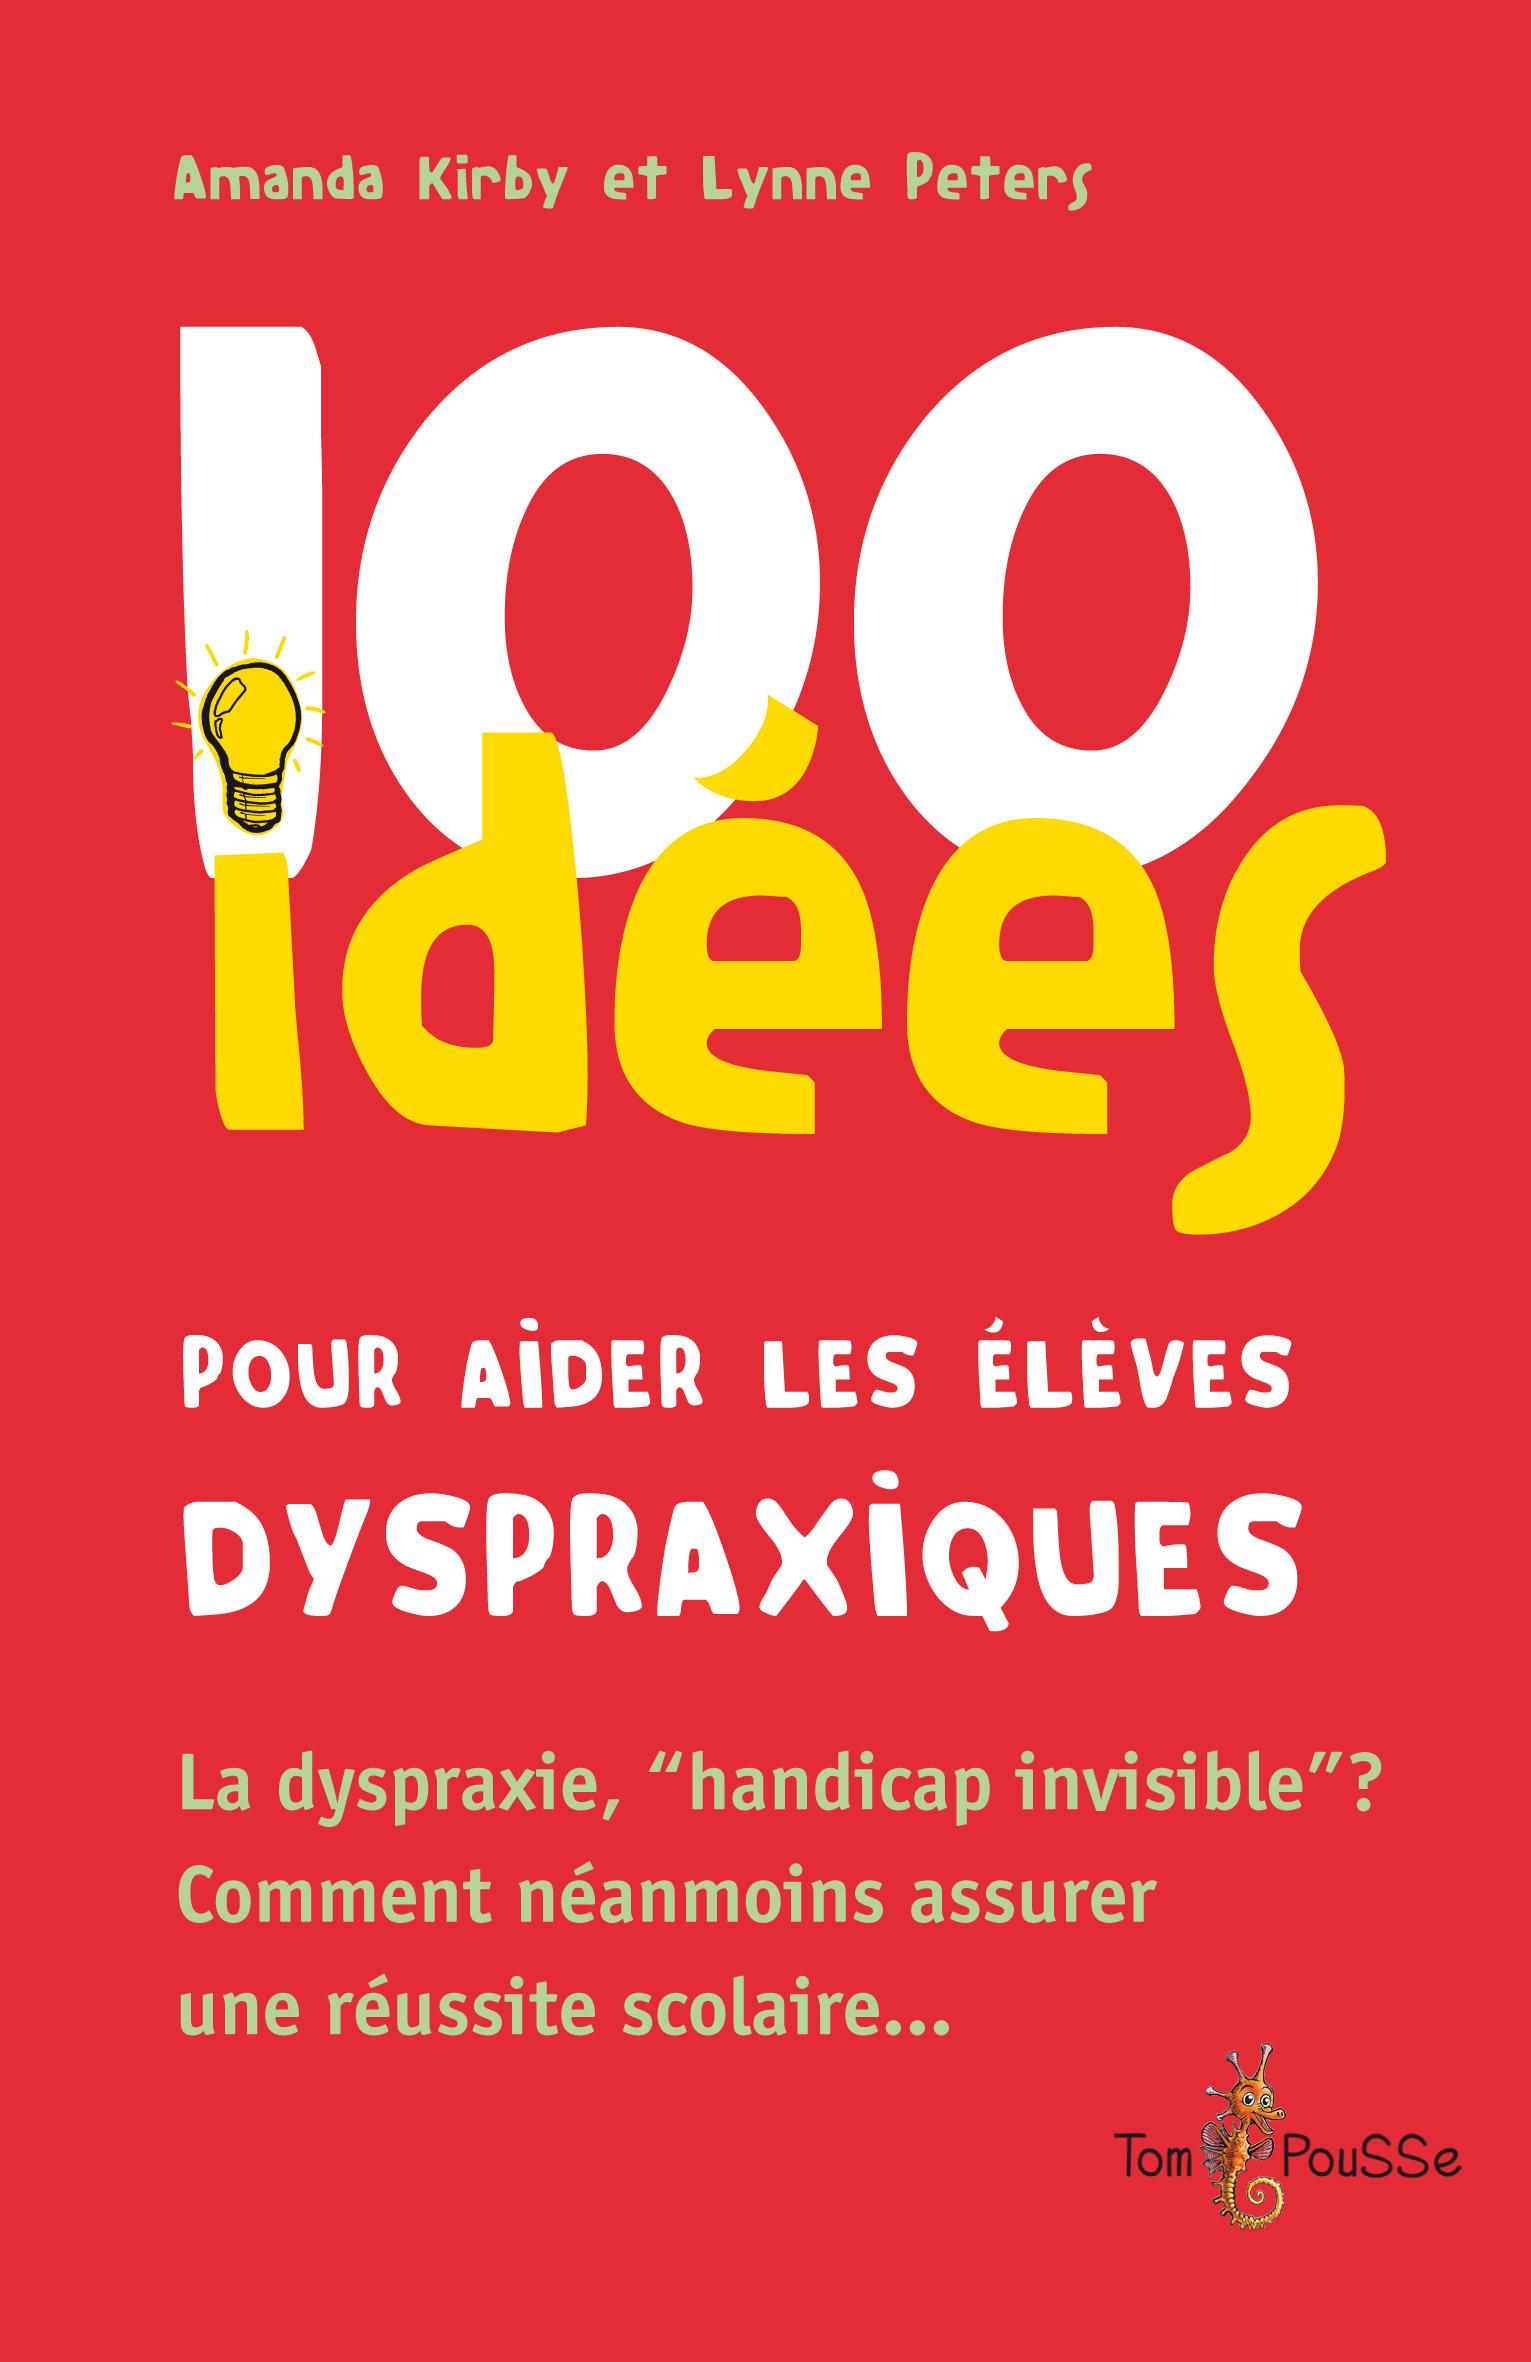 100 idées ; pour aider les élèves dyspraxiques